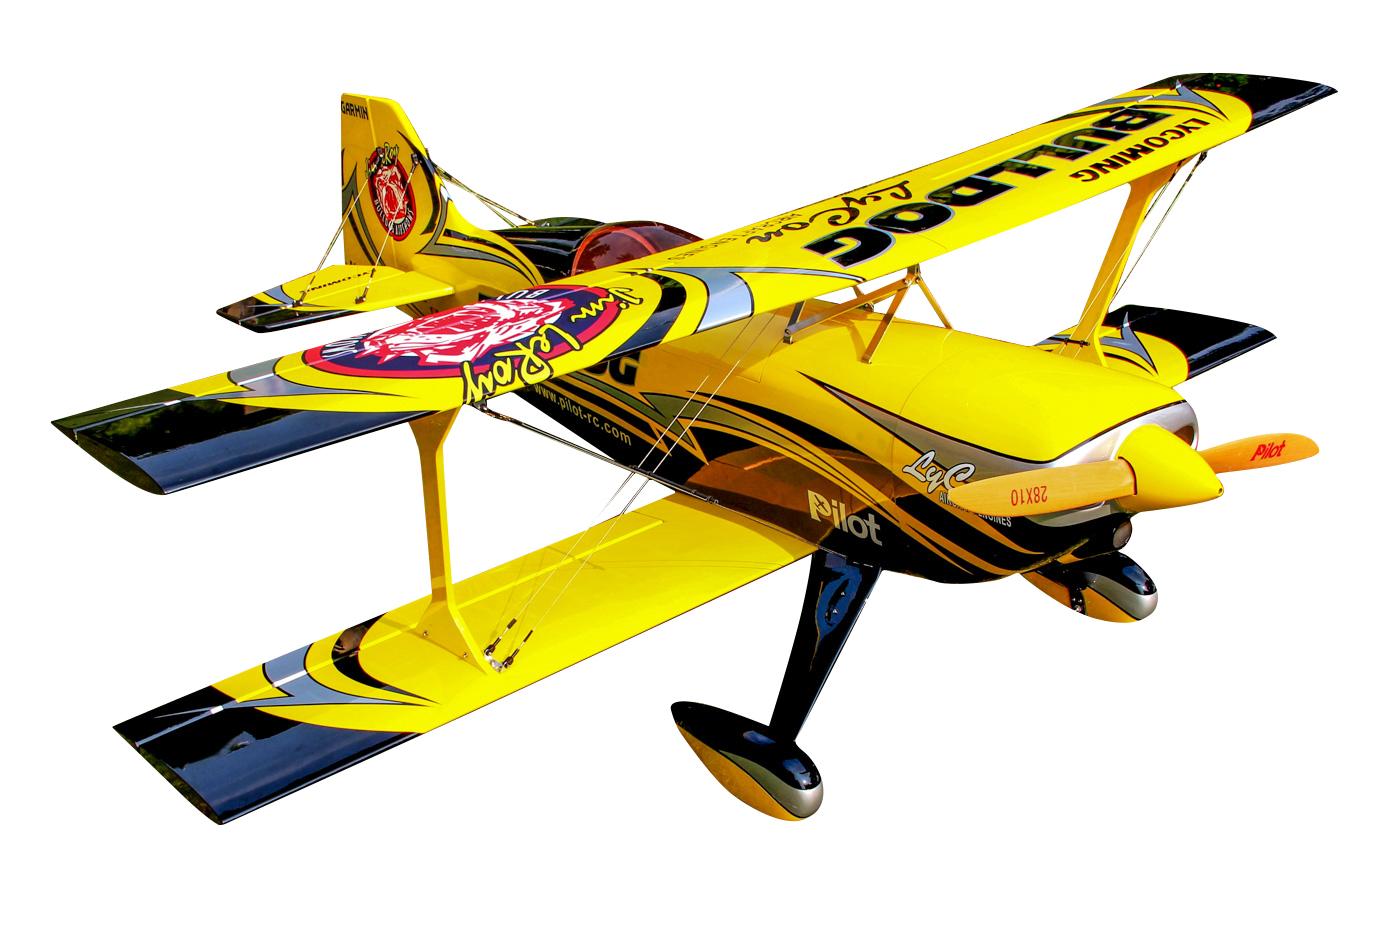 www.pilot-rc.com